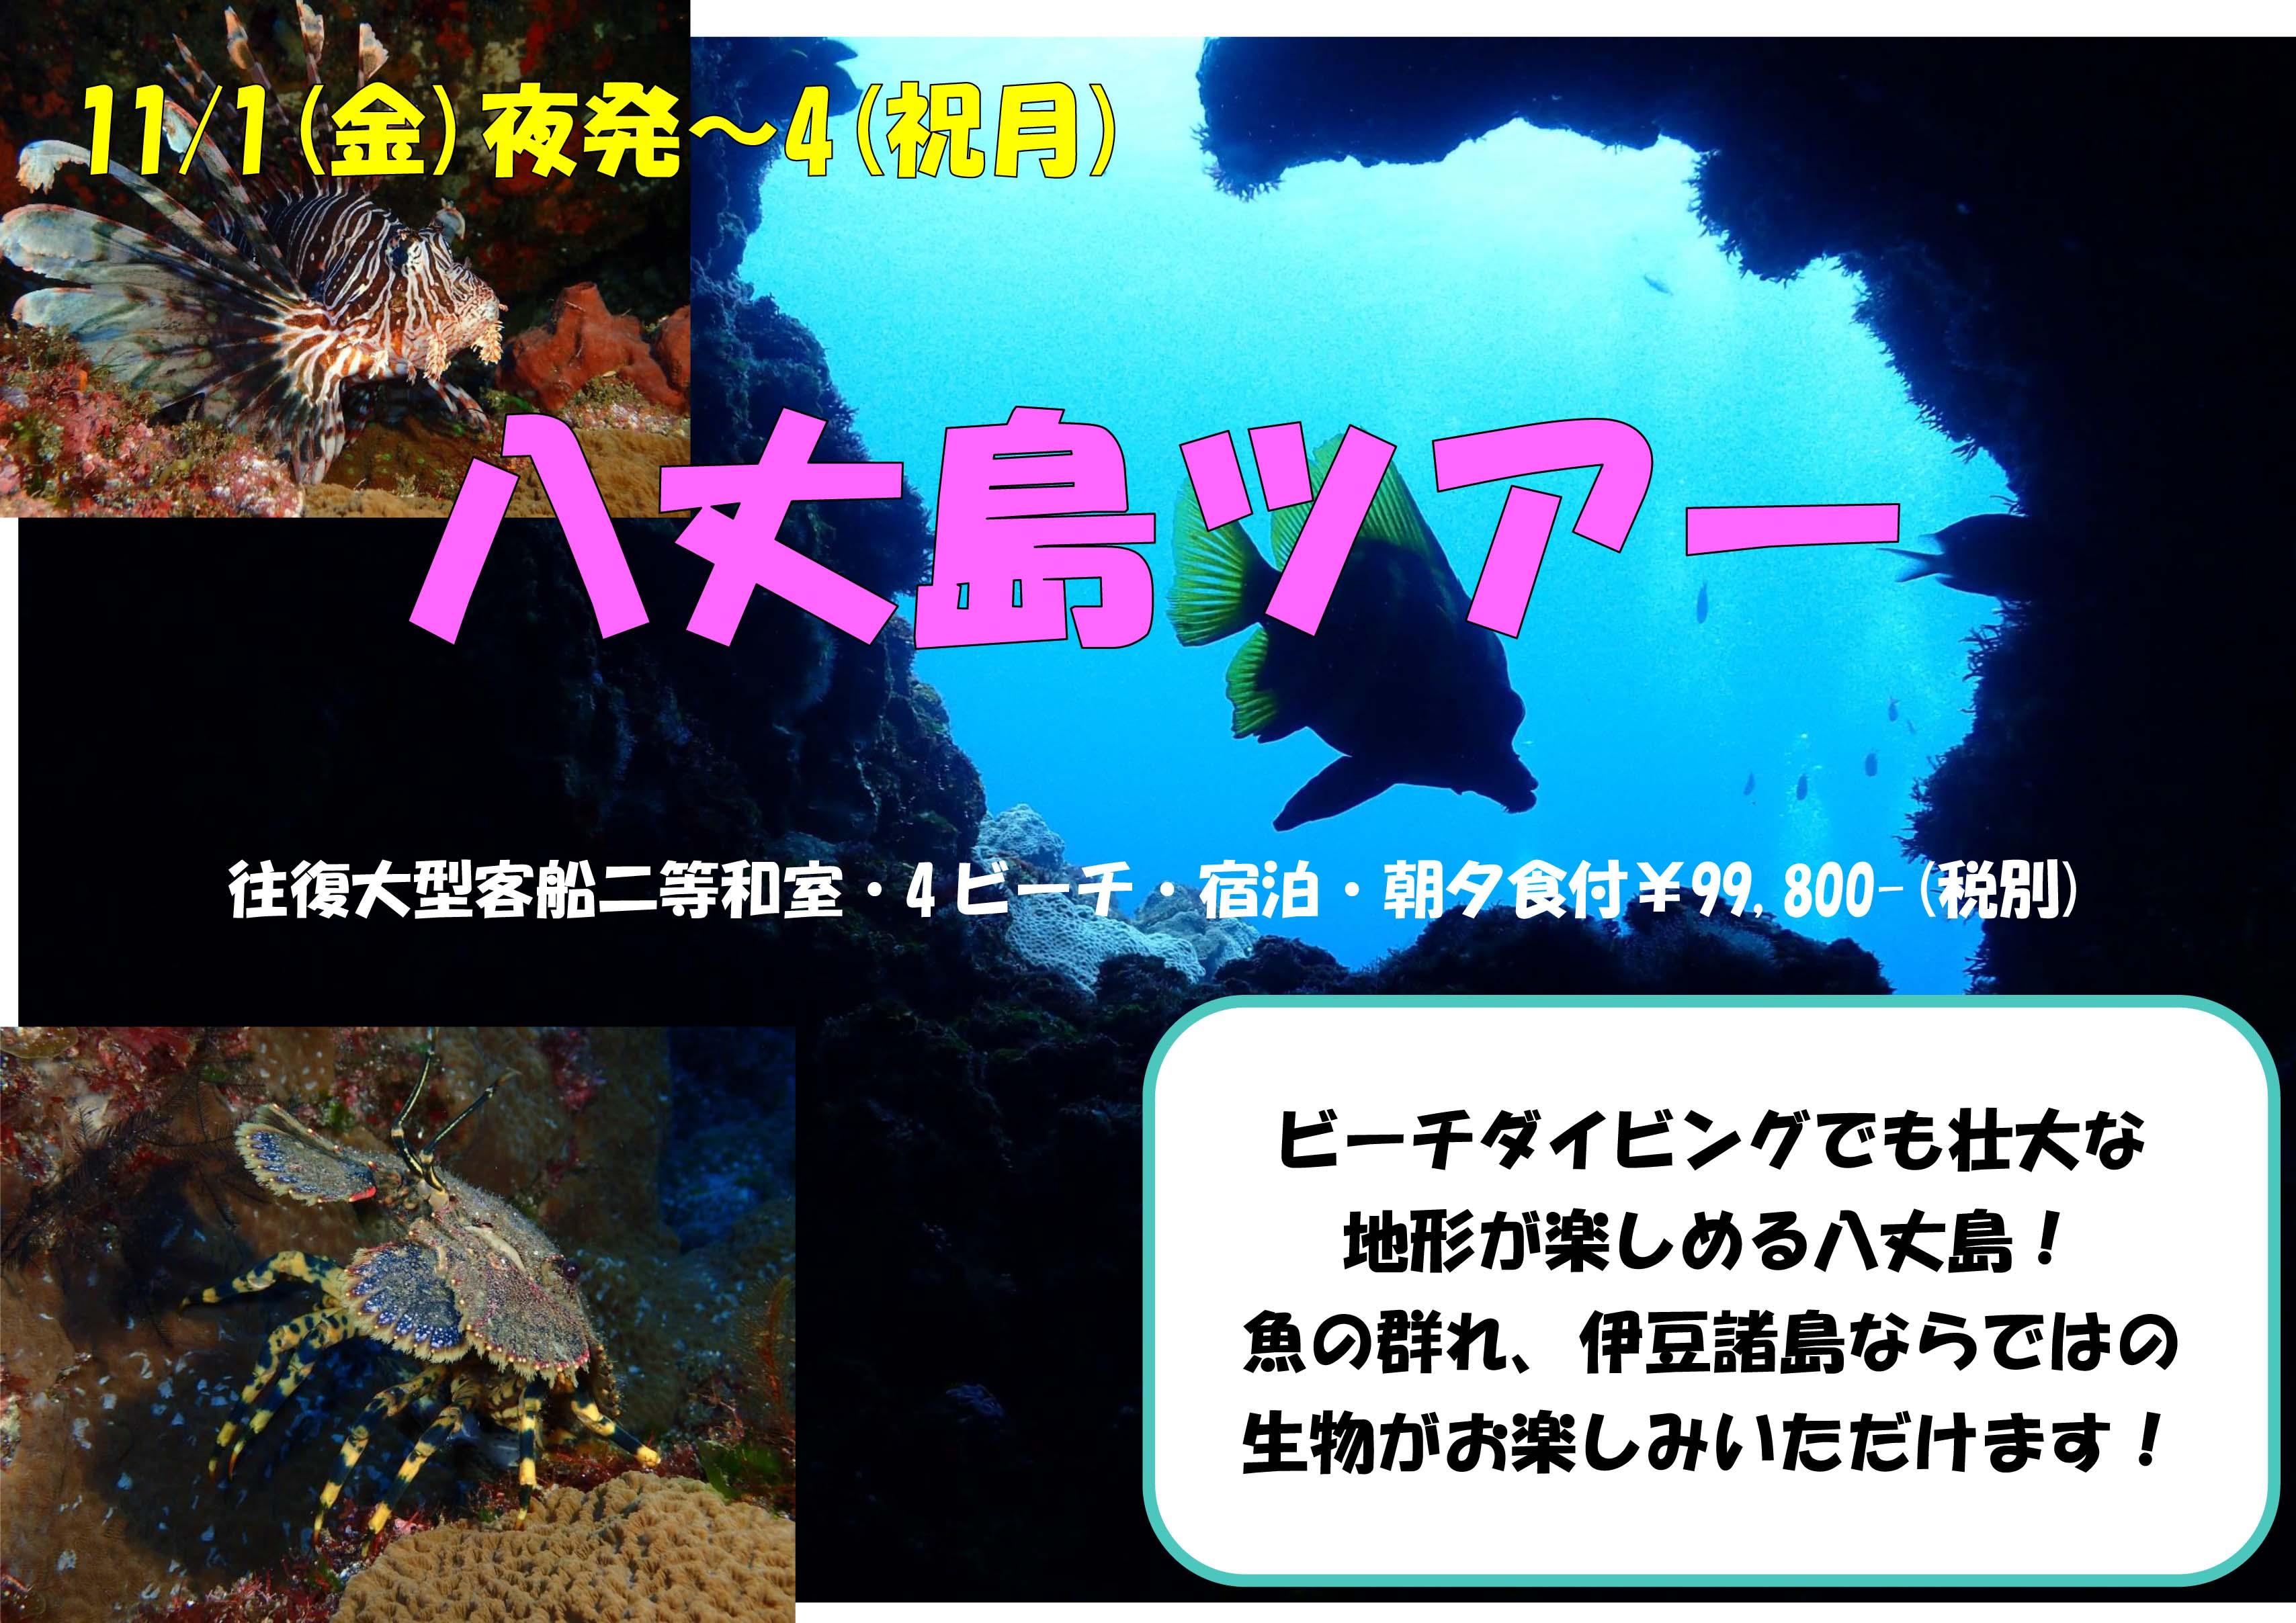 11/1(金)夜発~4(祝月)八丈島ツアー